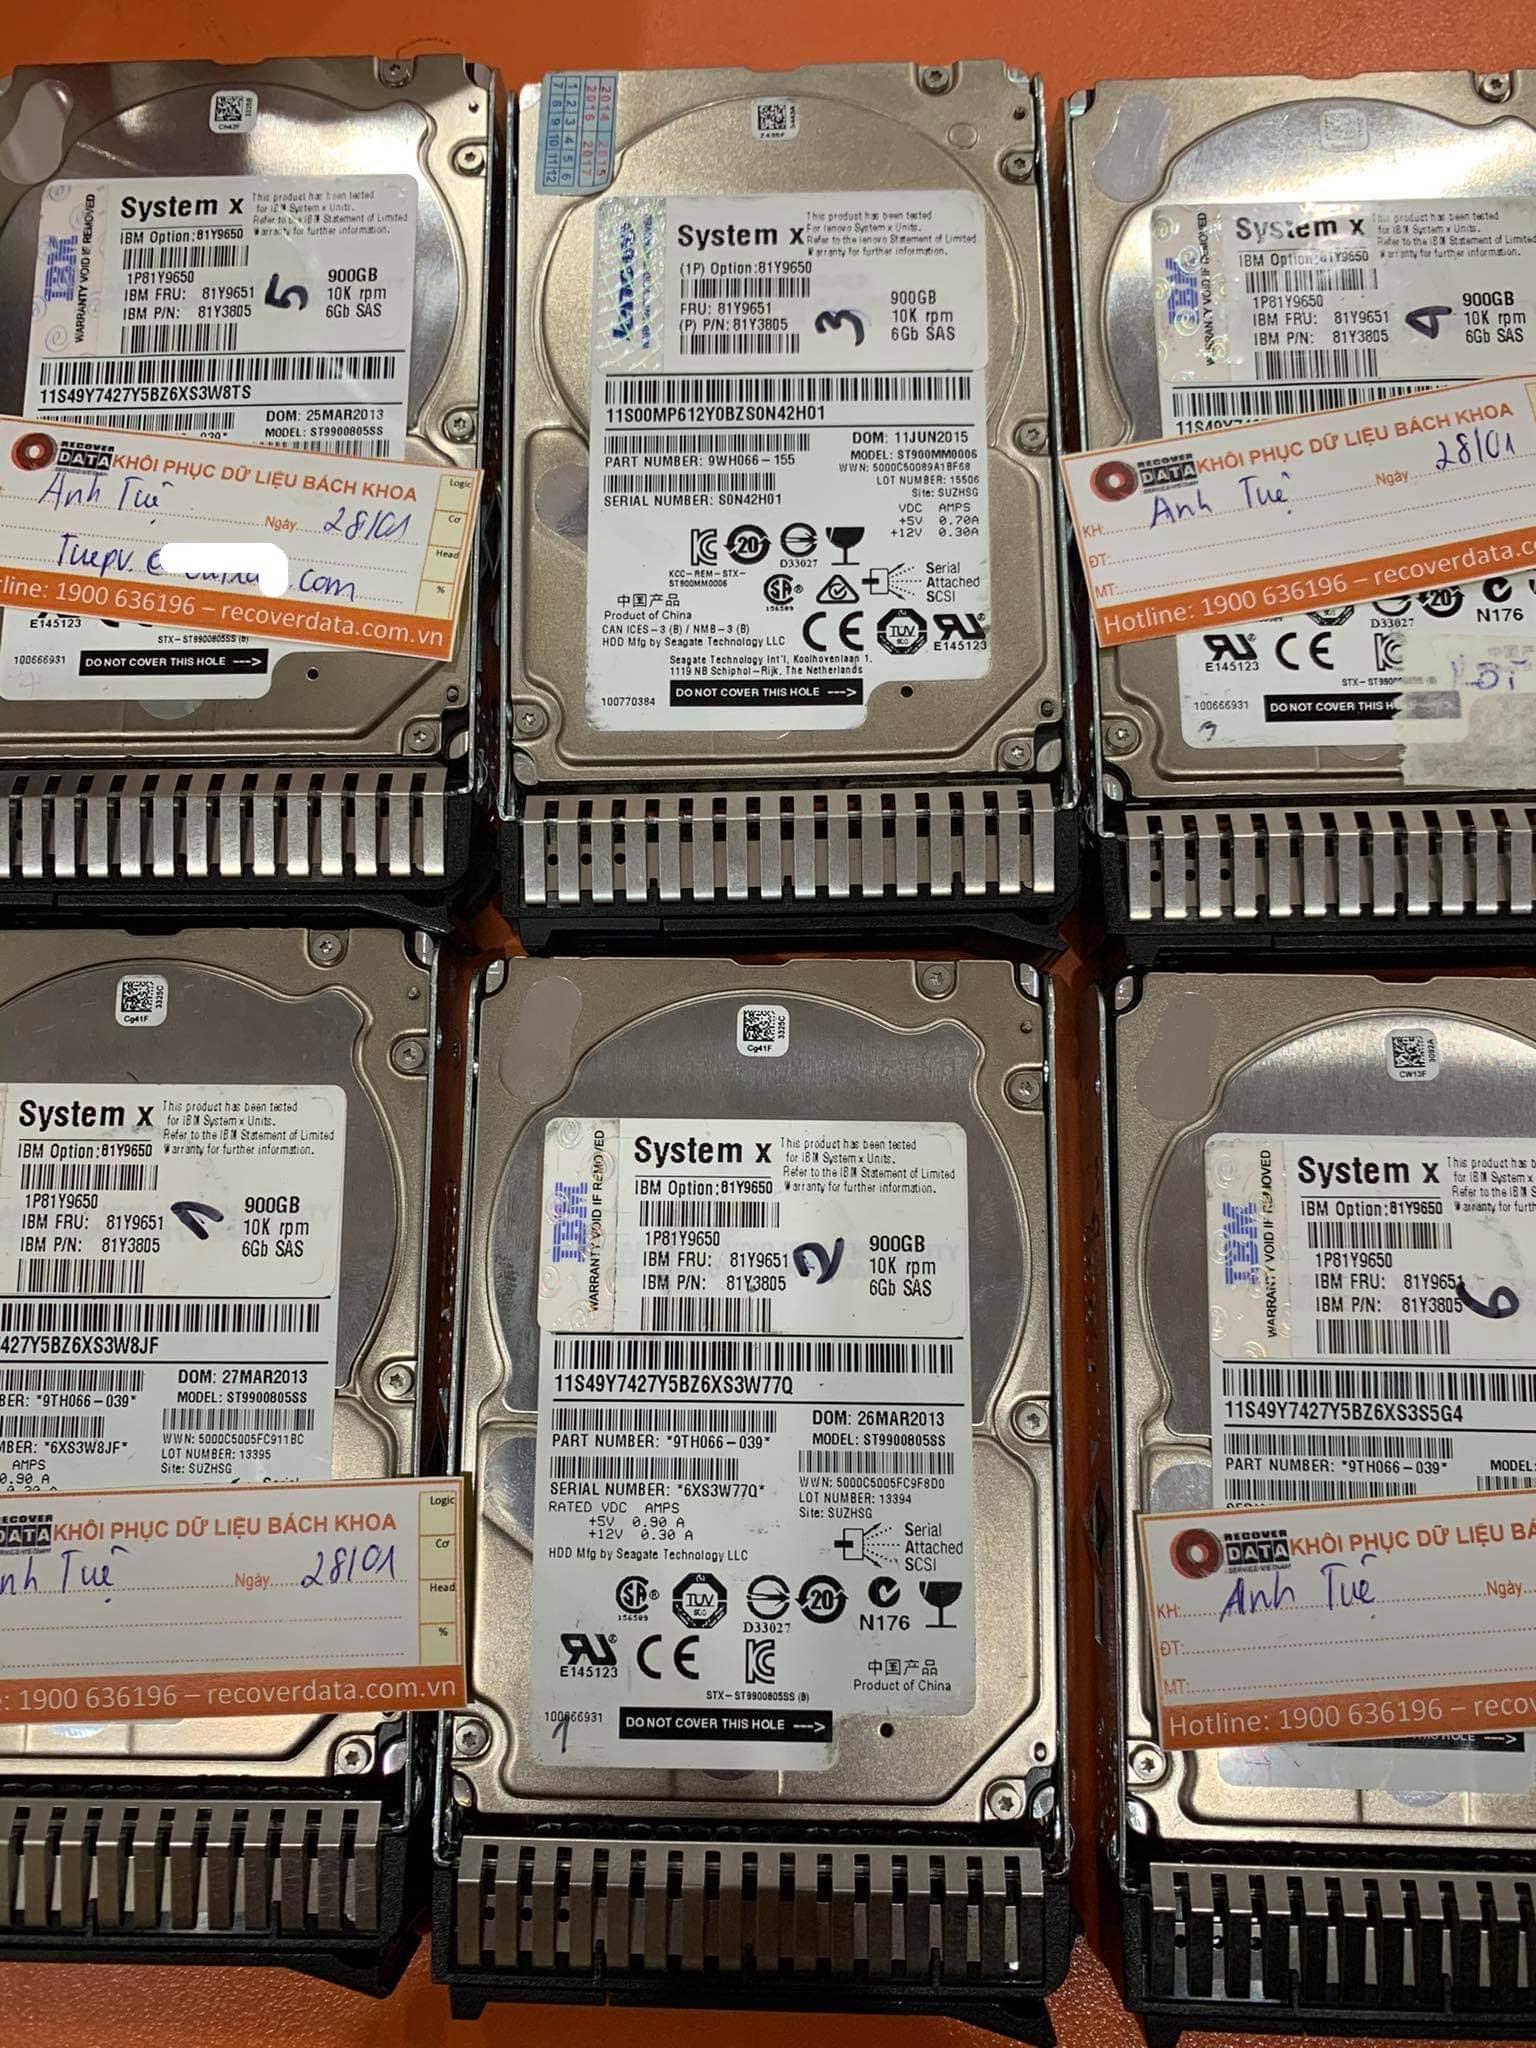 Cứu dữ liệu máy chủ SystemX với 6HDDx900GB mất cấu hình Raid - 28/01/2021